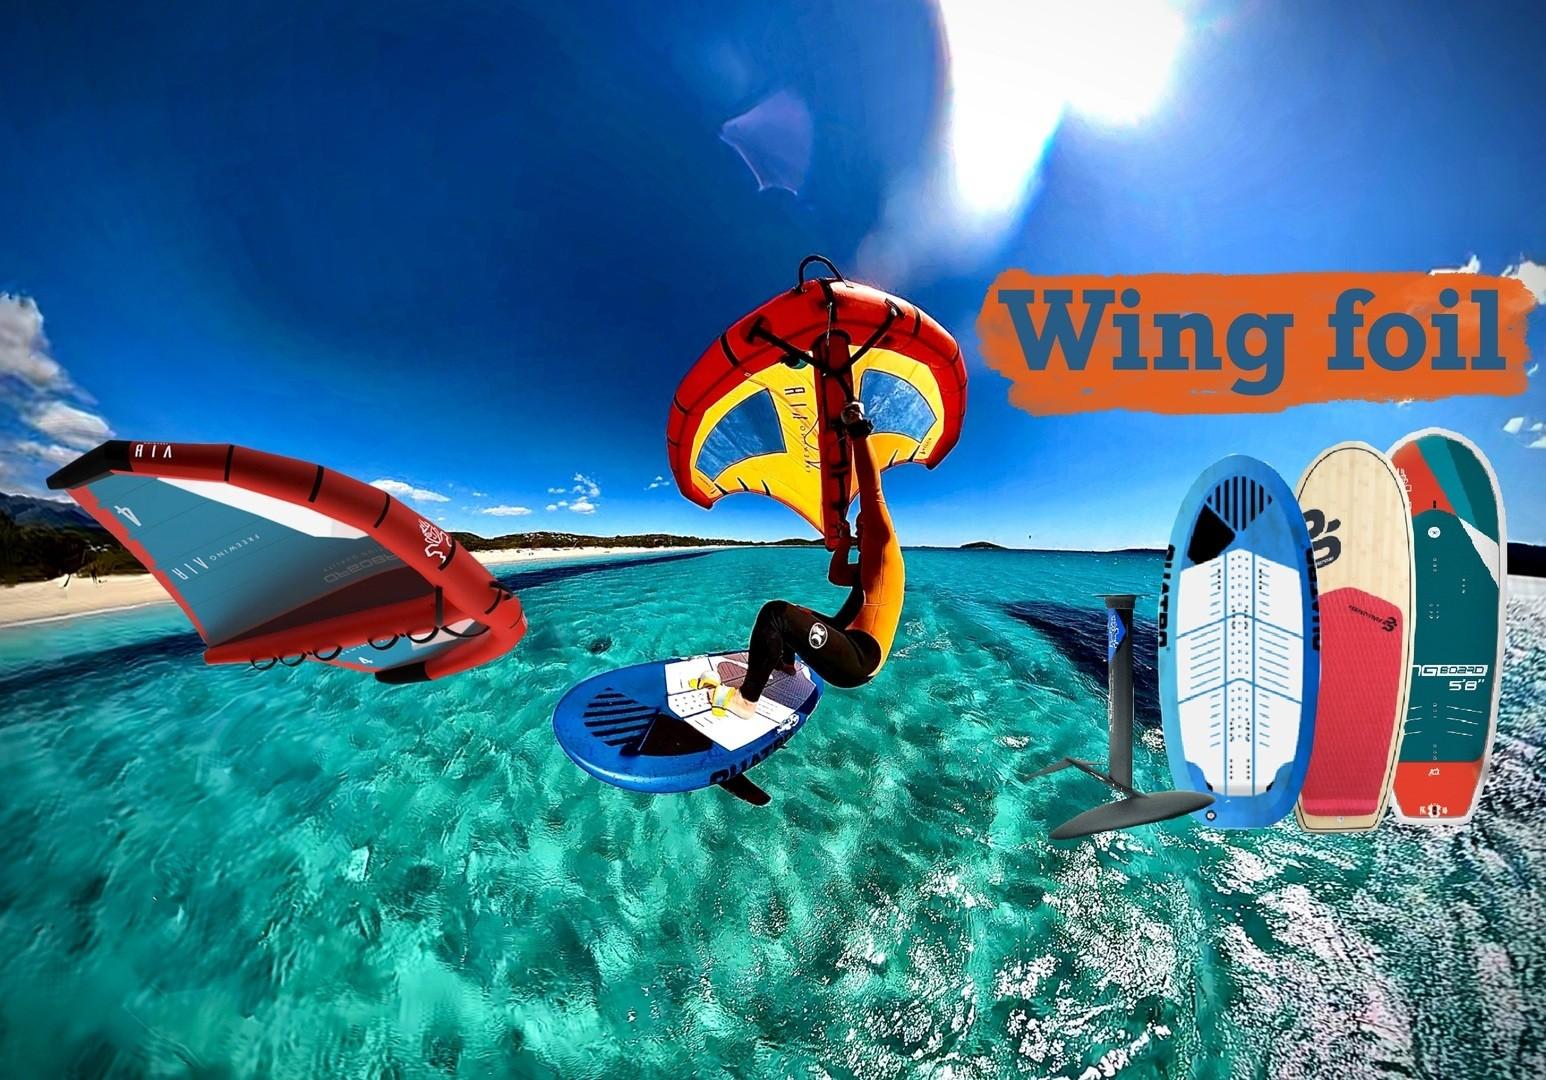 wing foil corse porto vecchio alize surf shop magasin porto vecchio